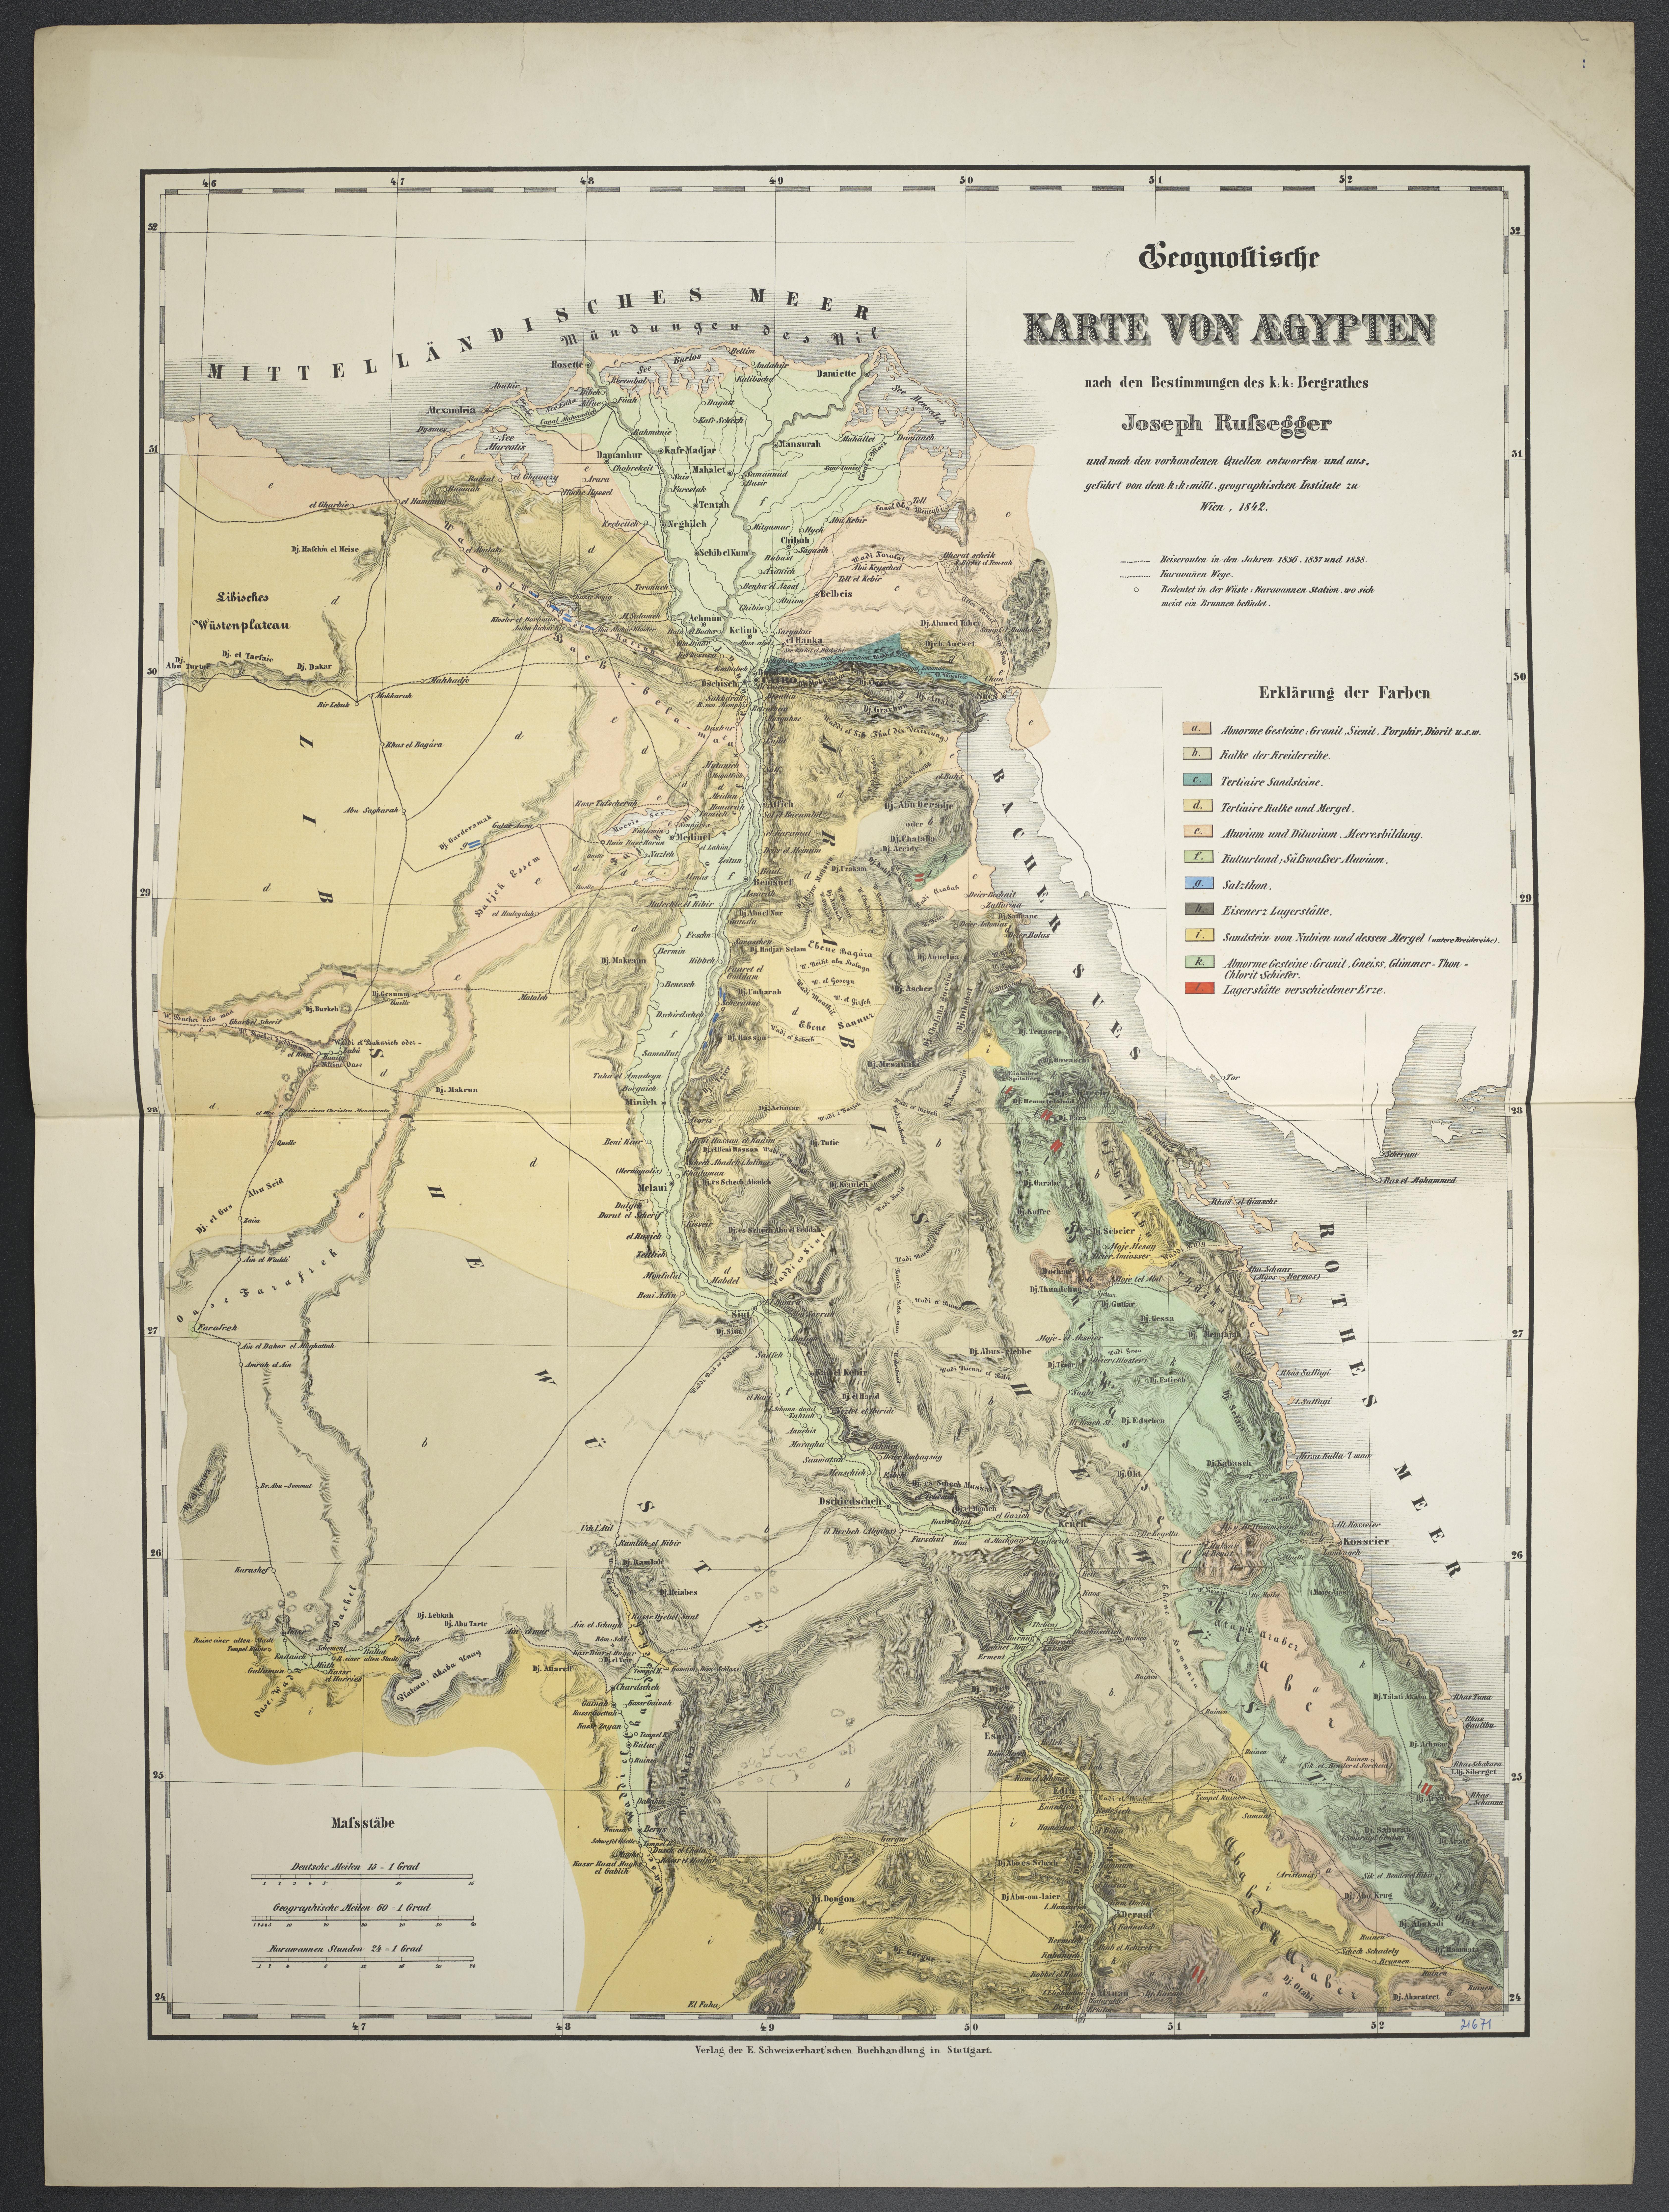 Karte Von ägypten.File Geognostische Karte Von Aegypten Jpg Wikimedia Commons